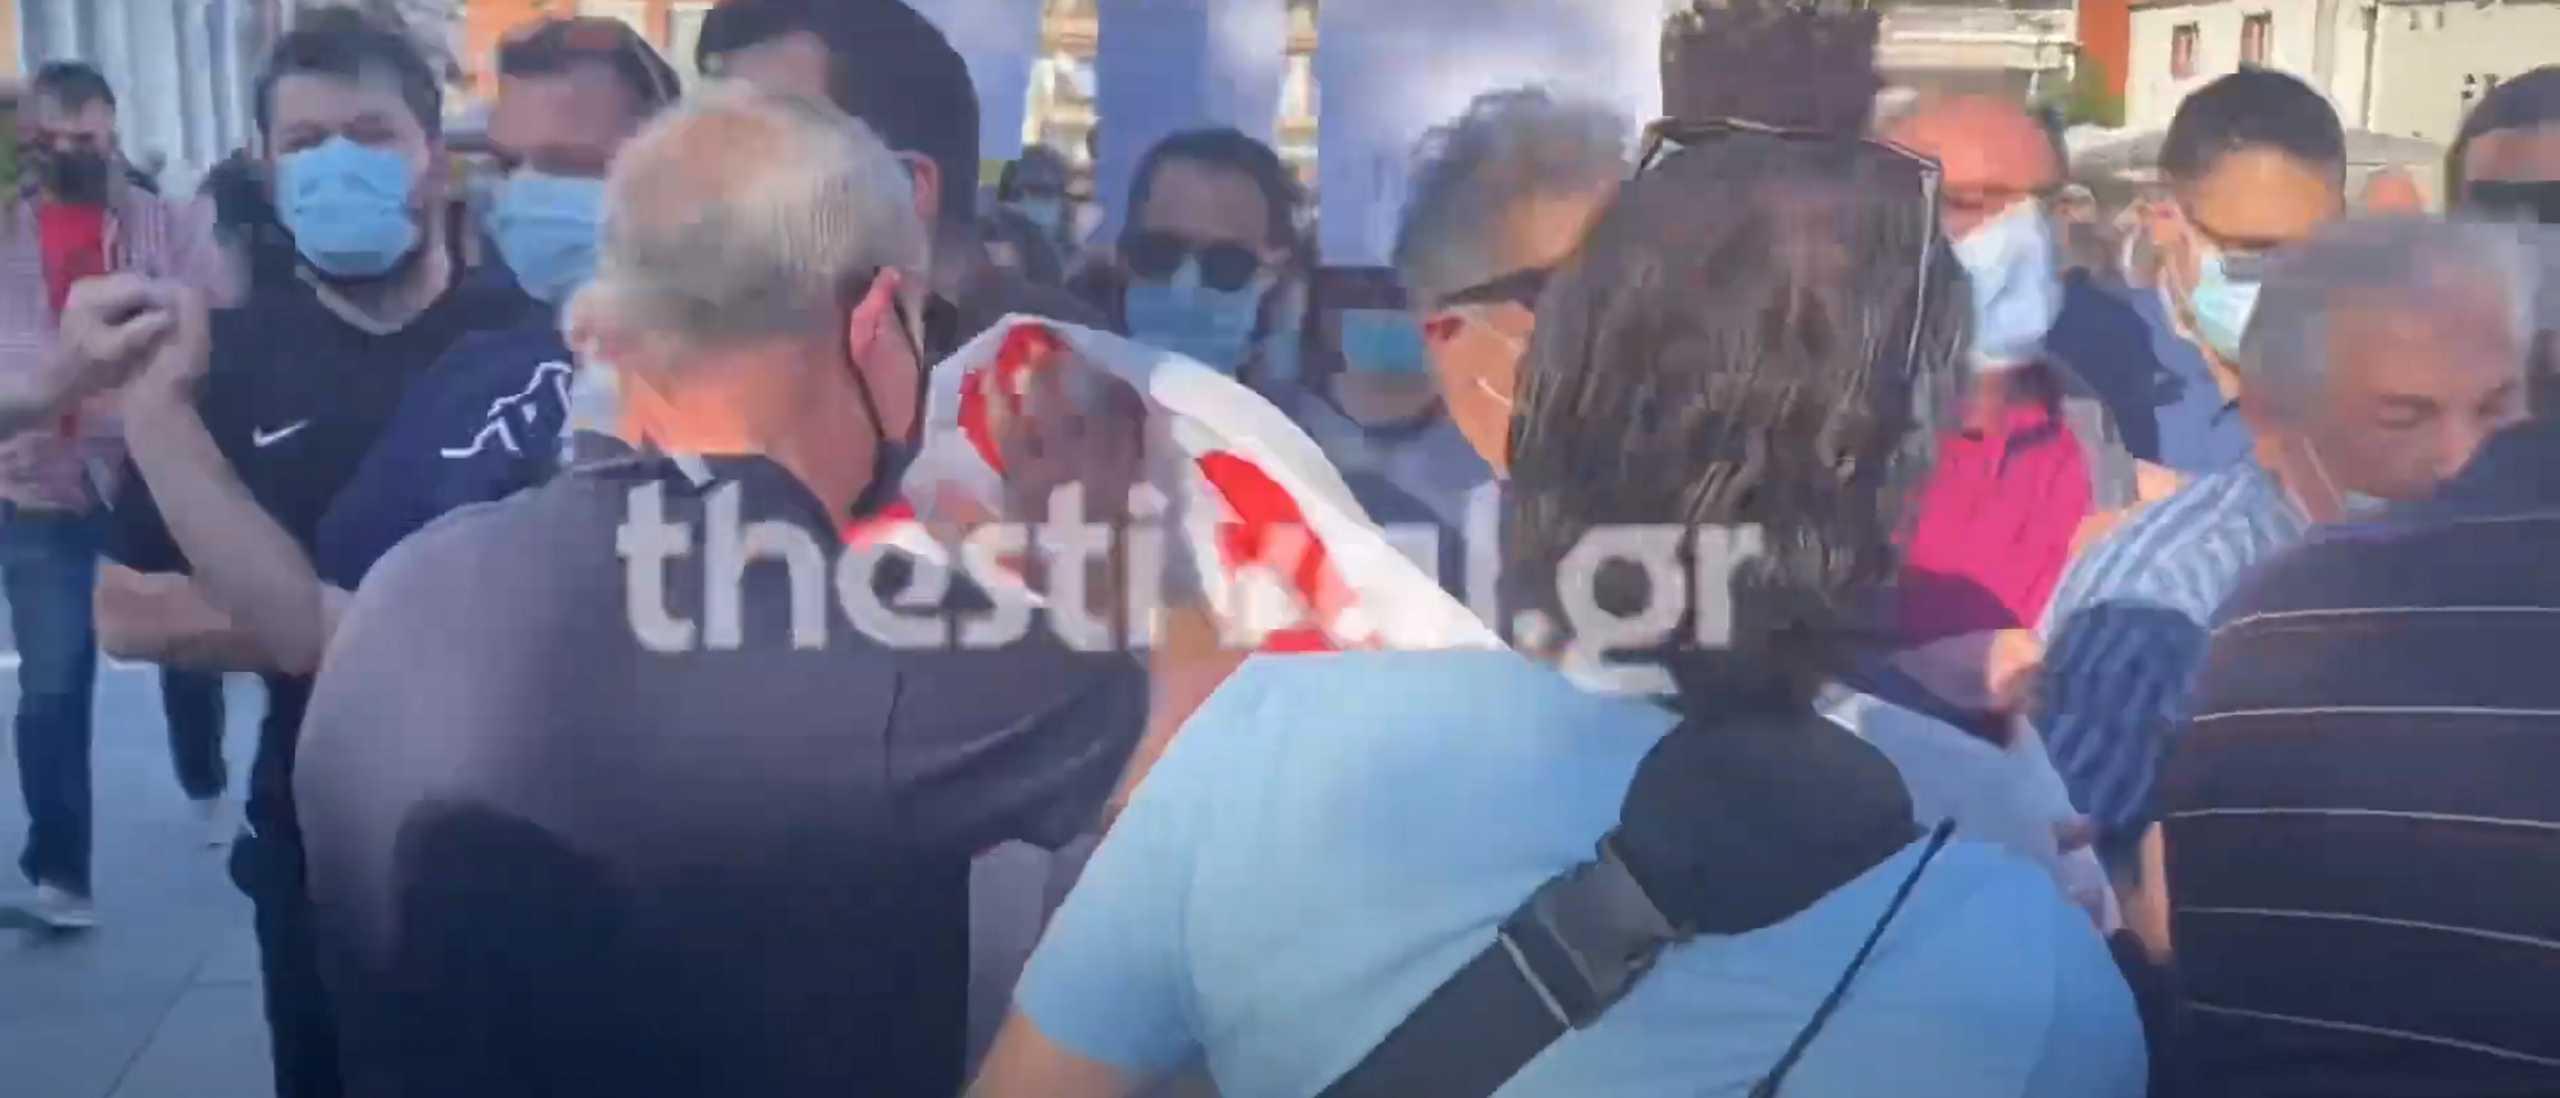 Καλαμαριά: Ένταση μεταξύ ΠΑΜΕ και αστυνομίας κατά την αποχώρηση Μητσοτάκη (video)